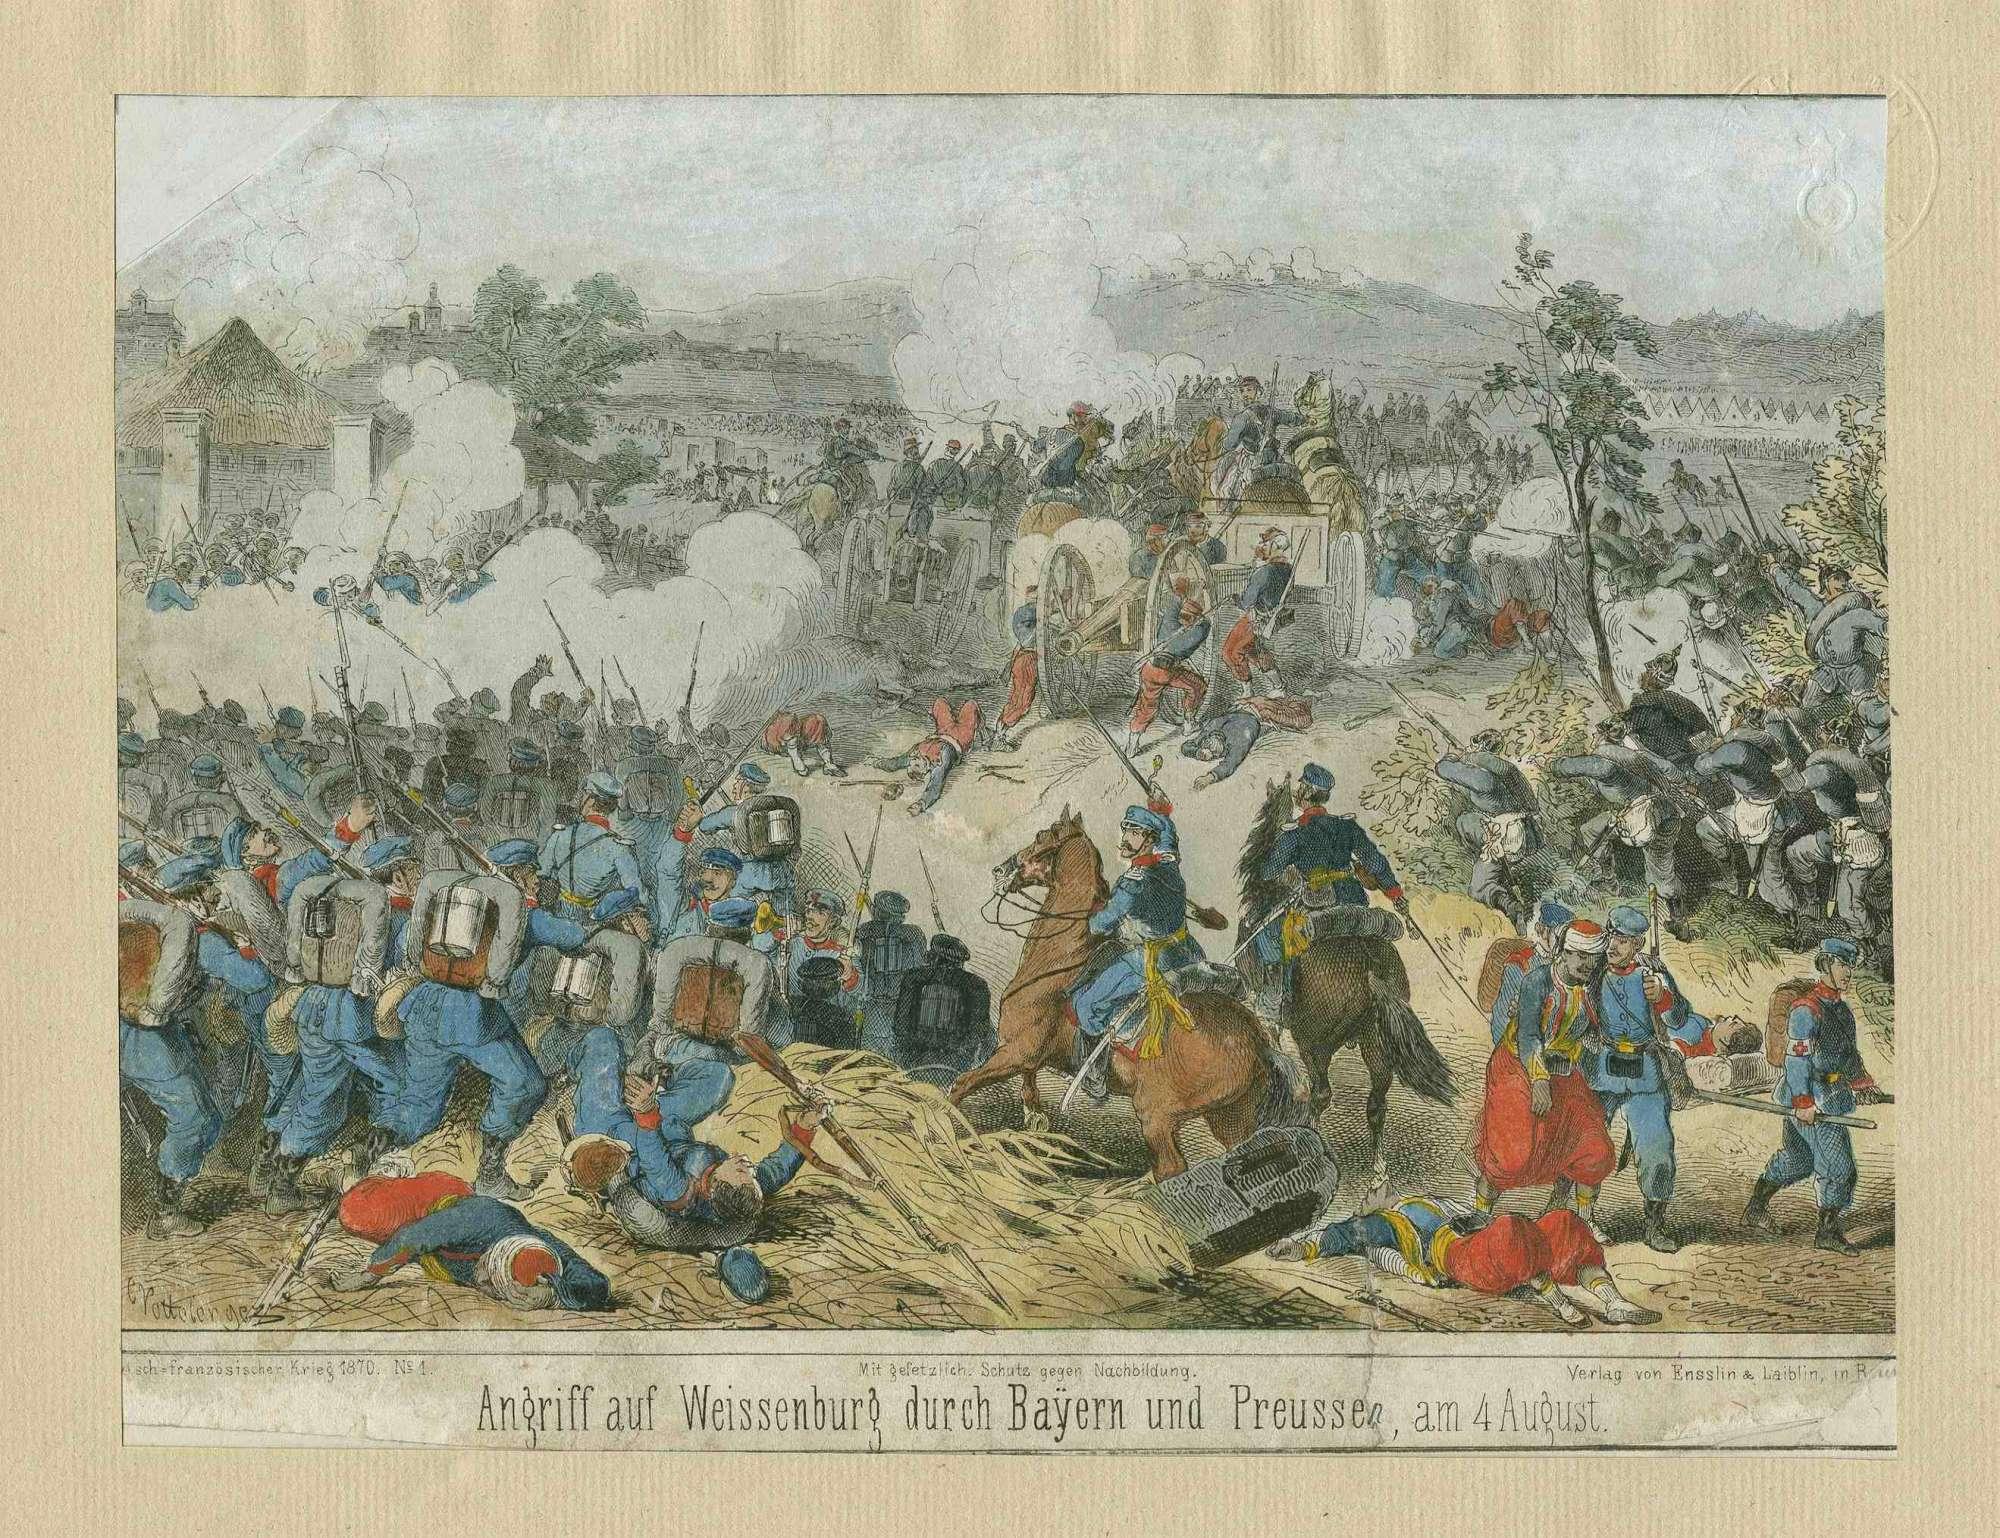 Angriff auf die Stadt Weissenburg durch bayerische und preussische Einheiten am 4. August 1870, Franzosen verlassen ihre umkämpfte Geschützstellung, Weissenburg ist, im Bild links, in Qualm gehüllt, Bild 1